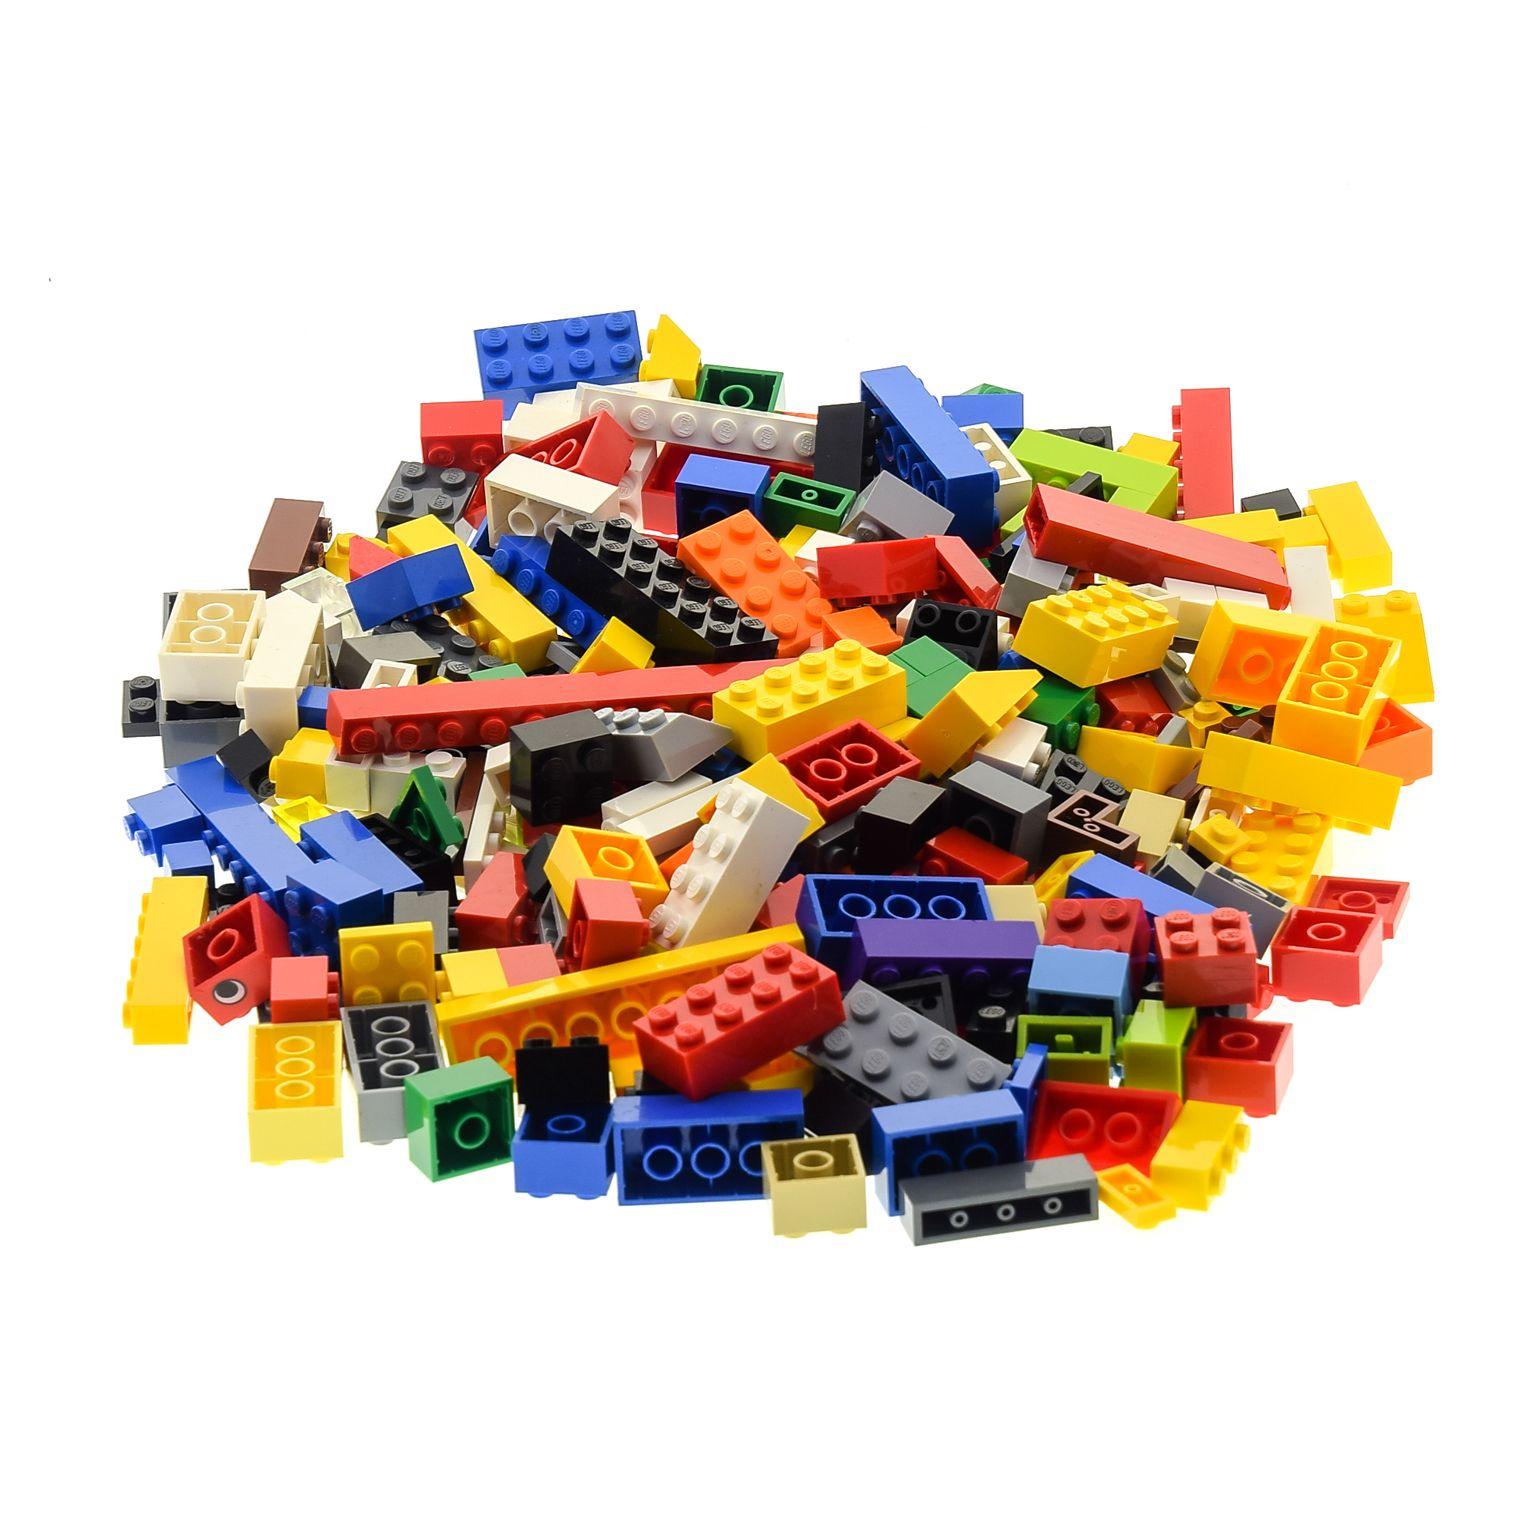 Steine//Bricks gebraucht LEGO Kiloware//kg blau Basicfarben